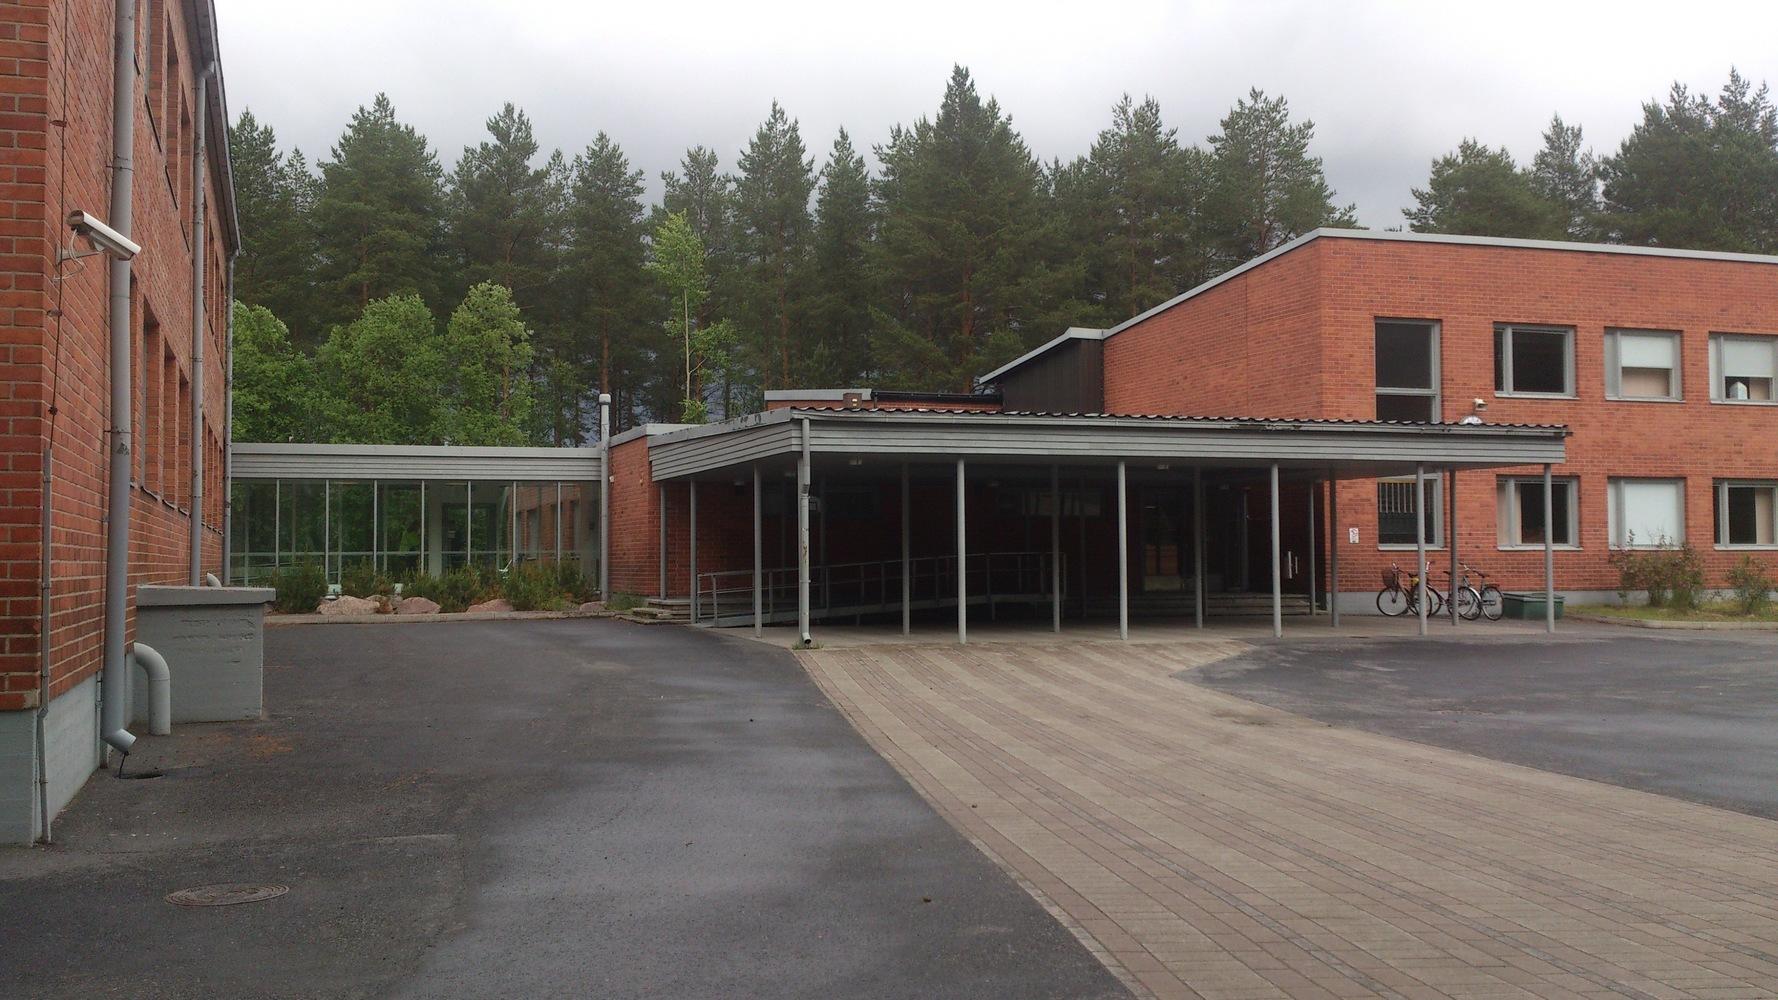 Puolivälinkangas library